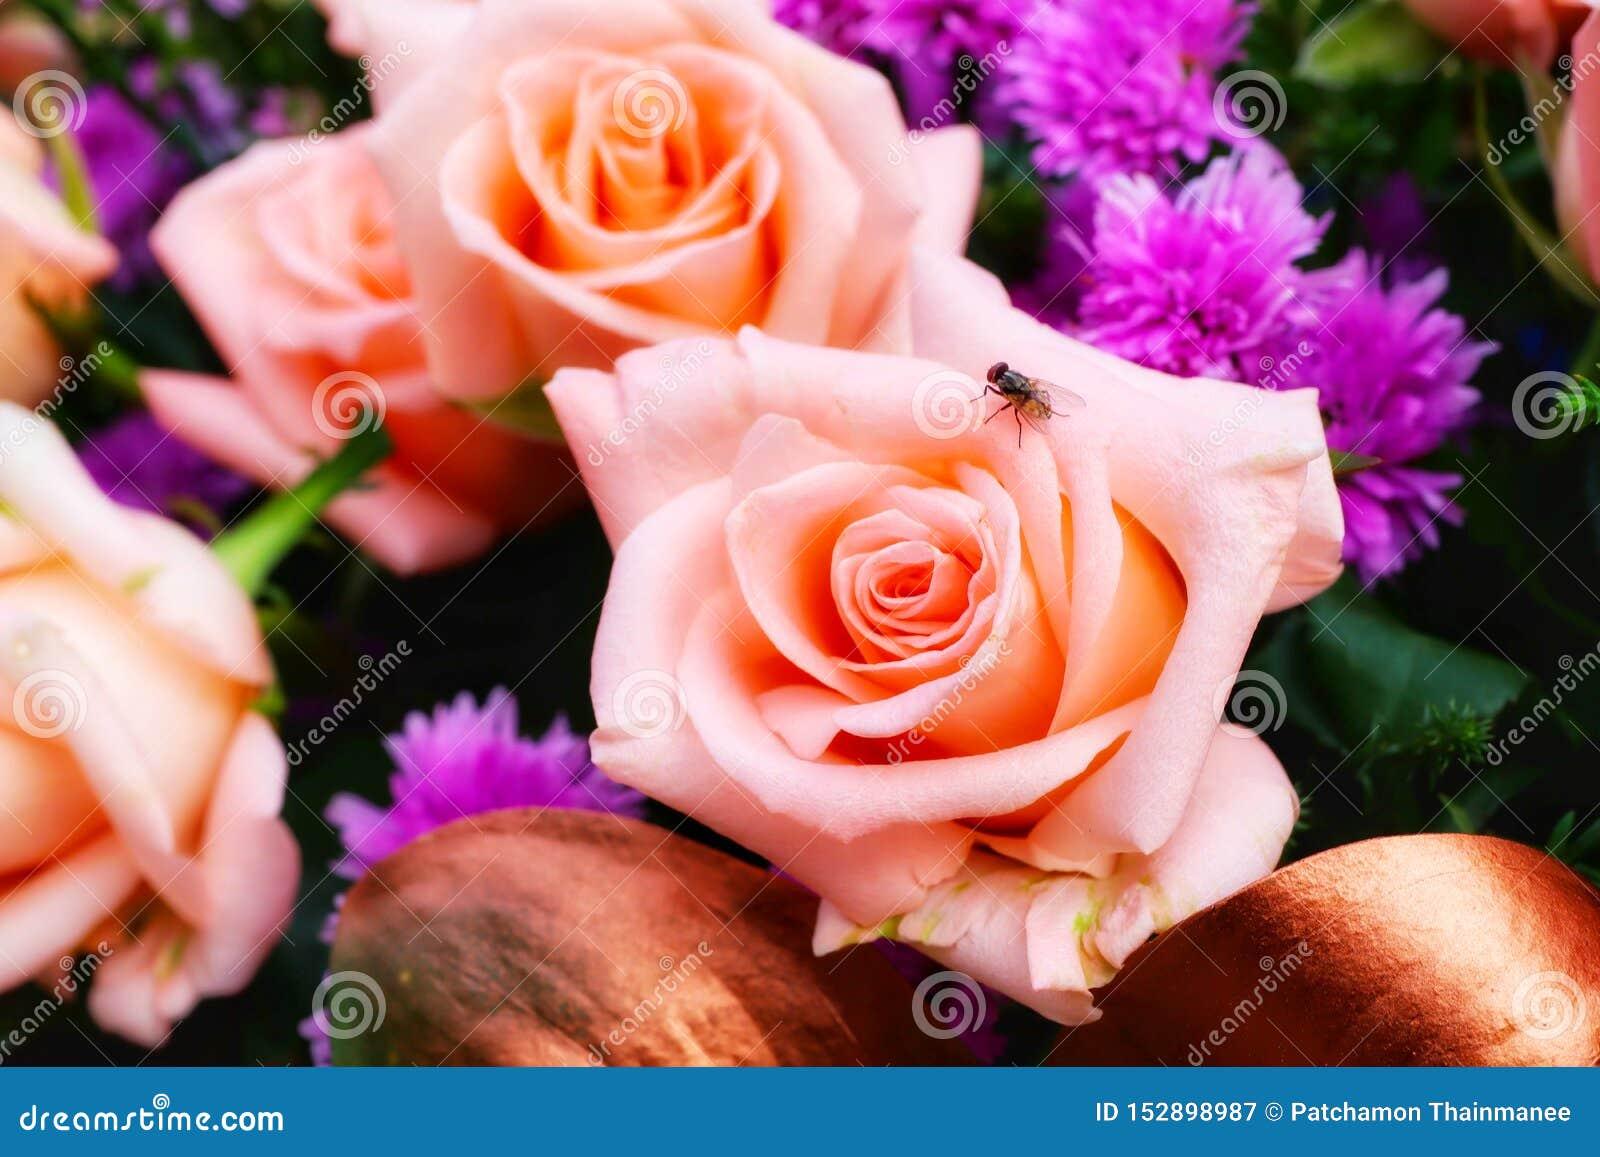 Η άποψη κινηματογραφήσεων σε πρώτο πλάνο, τοπ άποψη, αυξήθηκε, πορτοκαλιά, όμορφη κρητιδογραφία, ανθοδέσμη των λουλουδιών